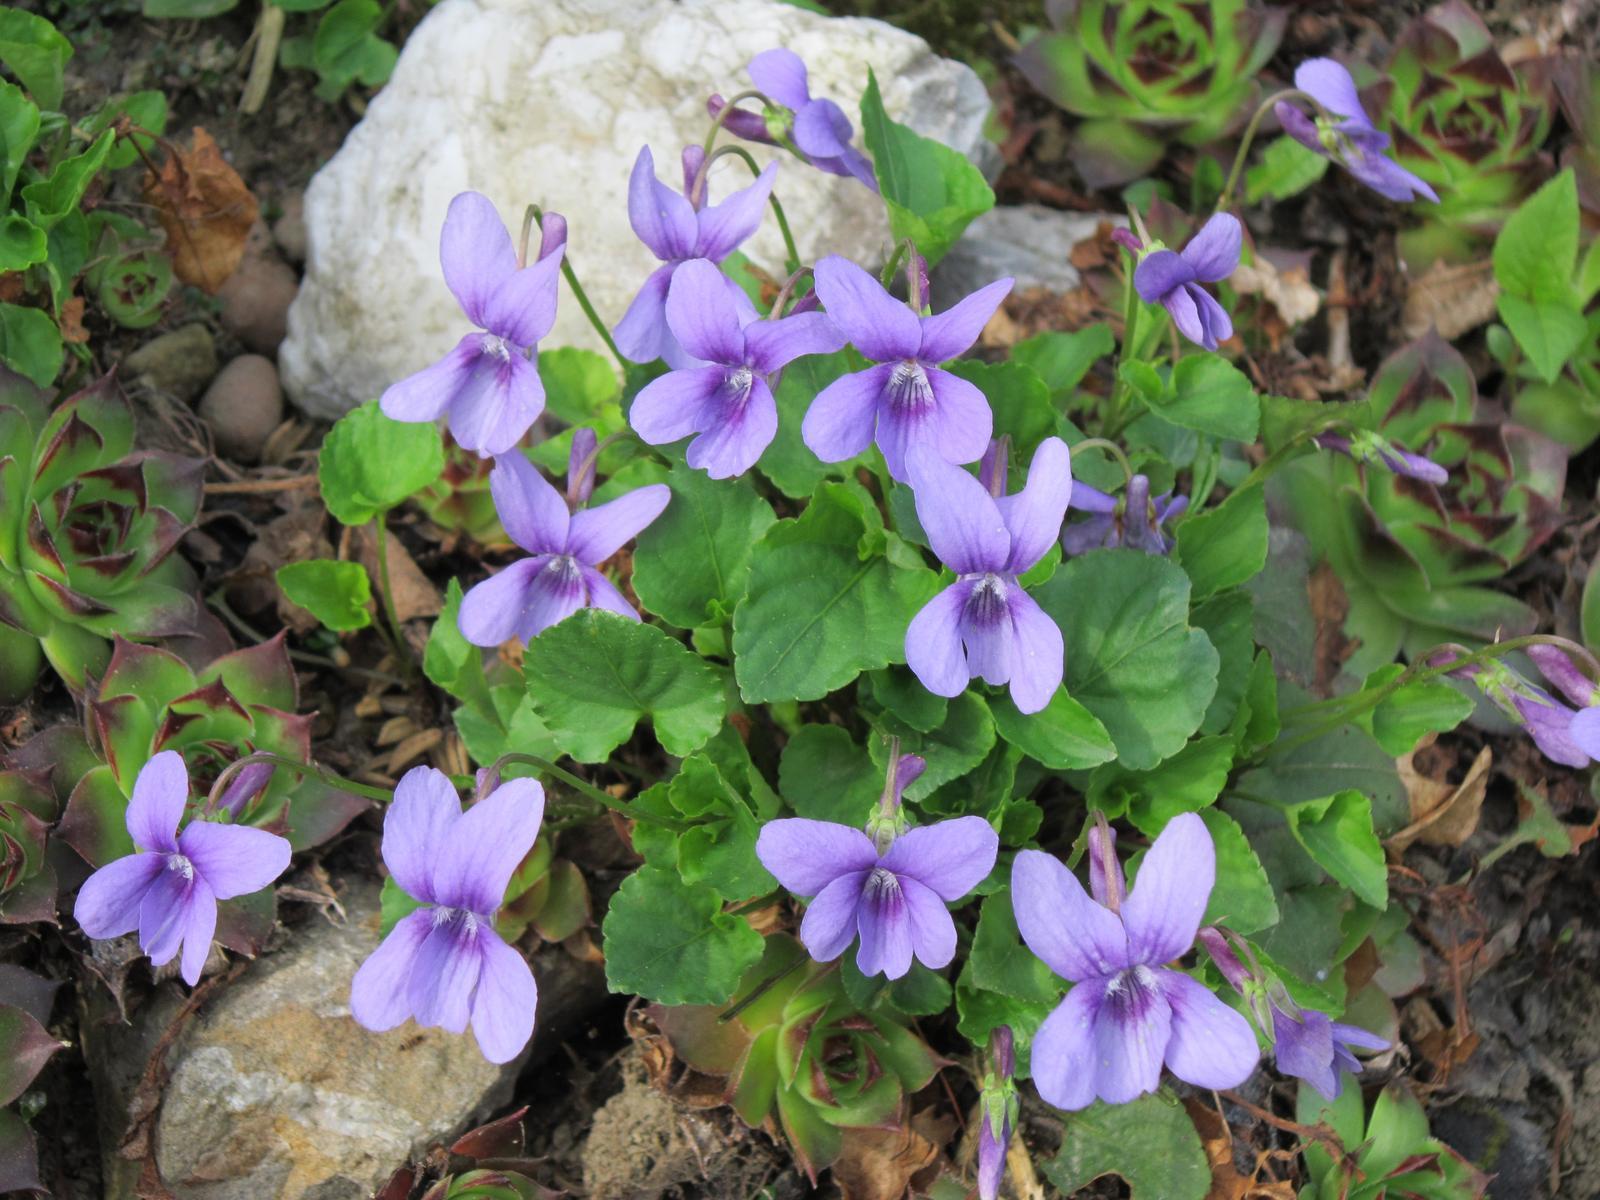 Pozvanie do našej jarnej záhrady - Vôňa fialiek nesmie chýbať...